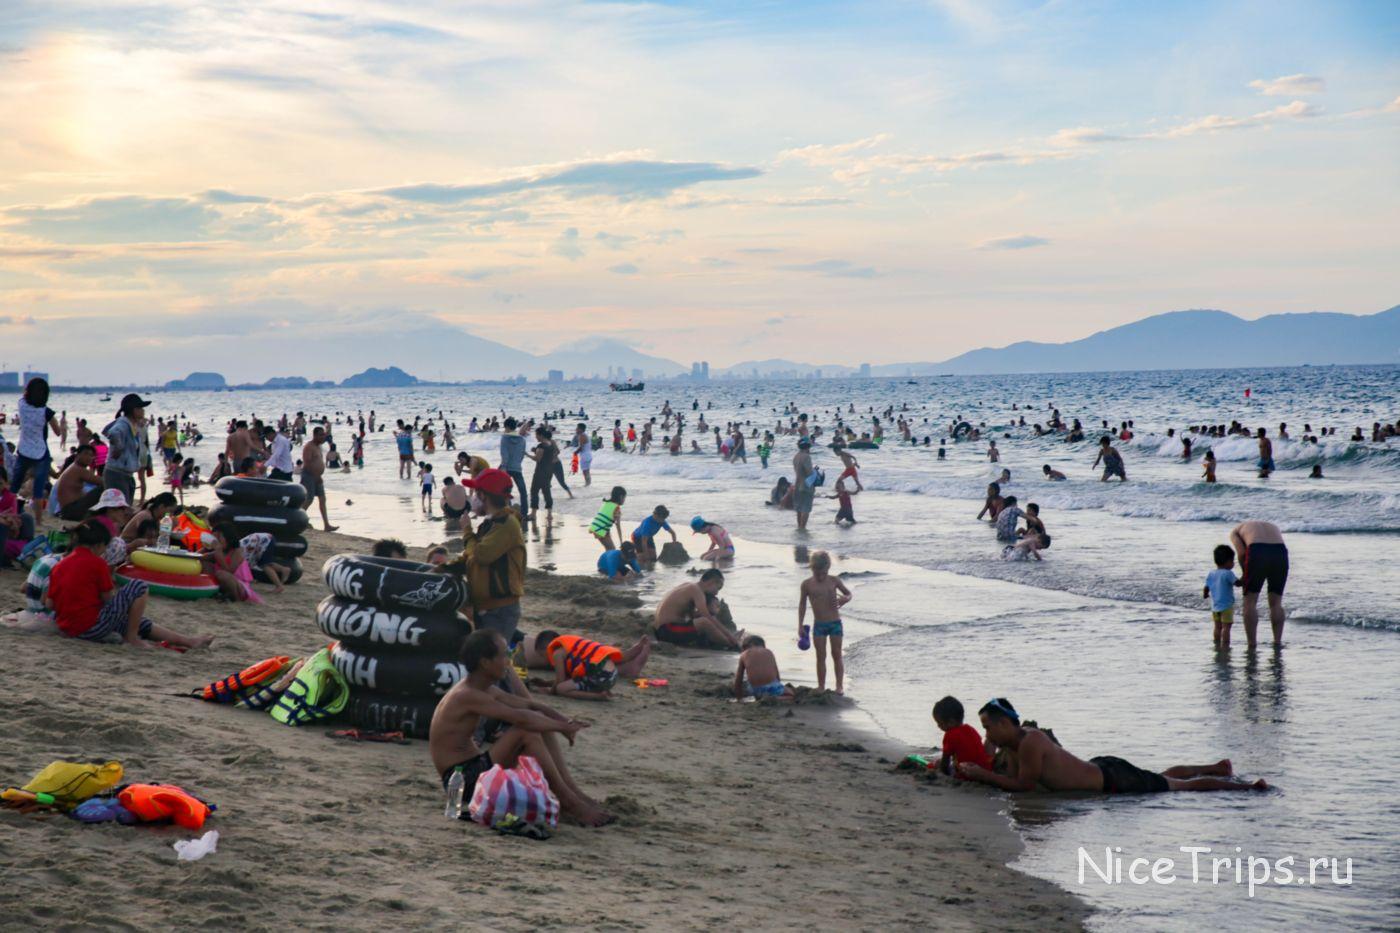 Оживленный пляж Ан банг